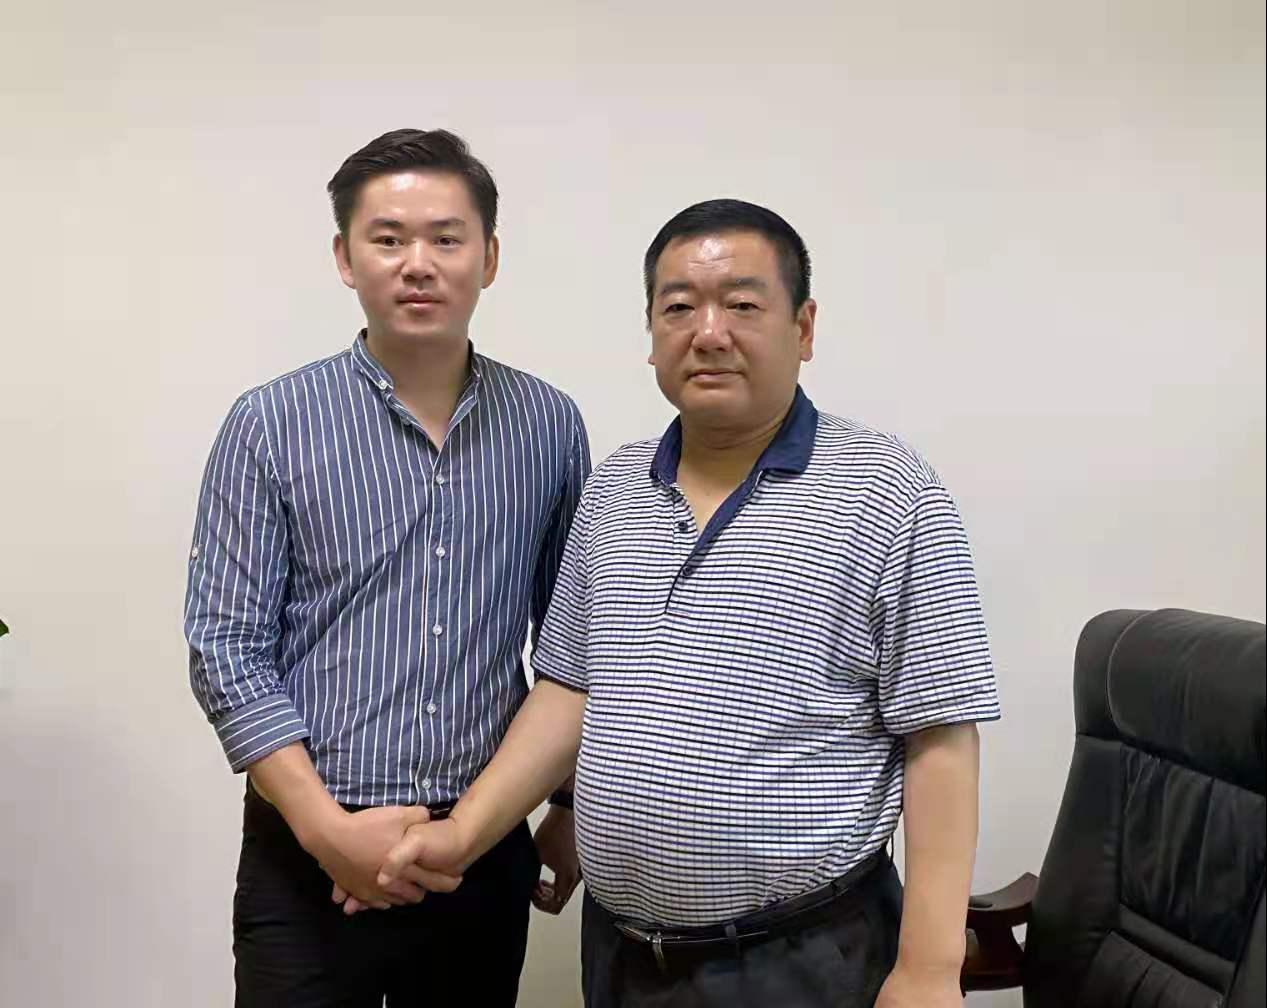 錦弘集團與深圳鶻鷹集團達成全方位戰略合作